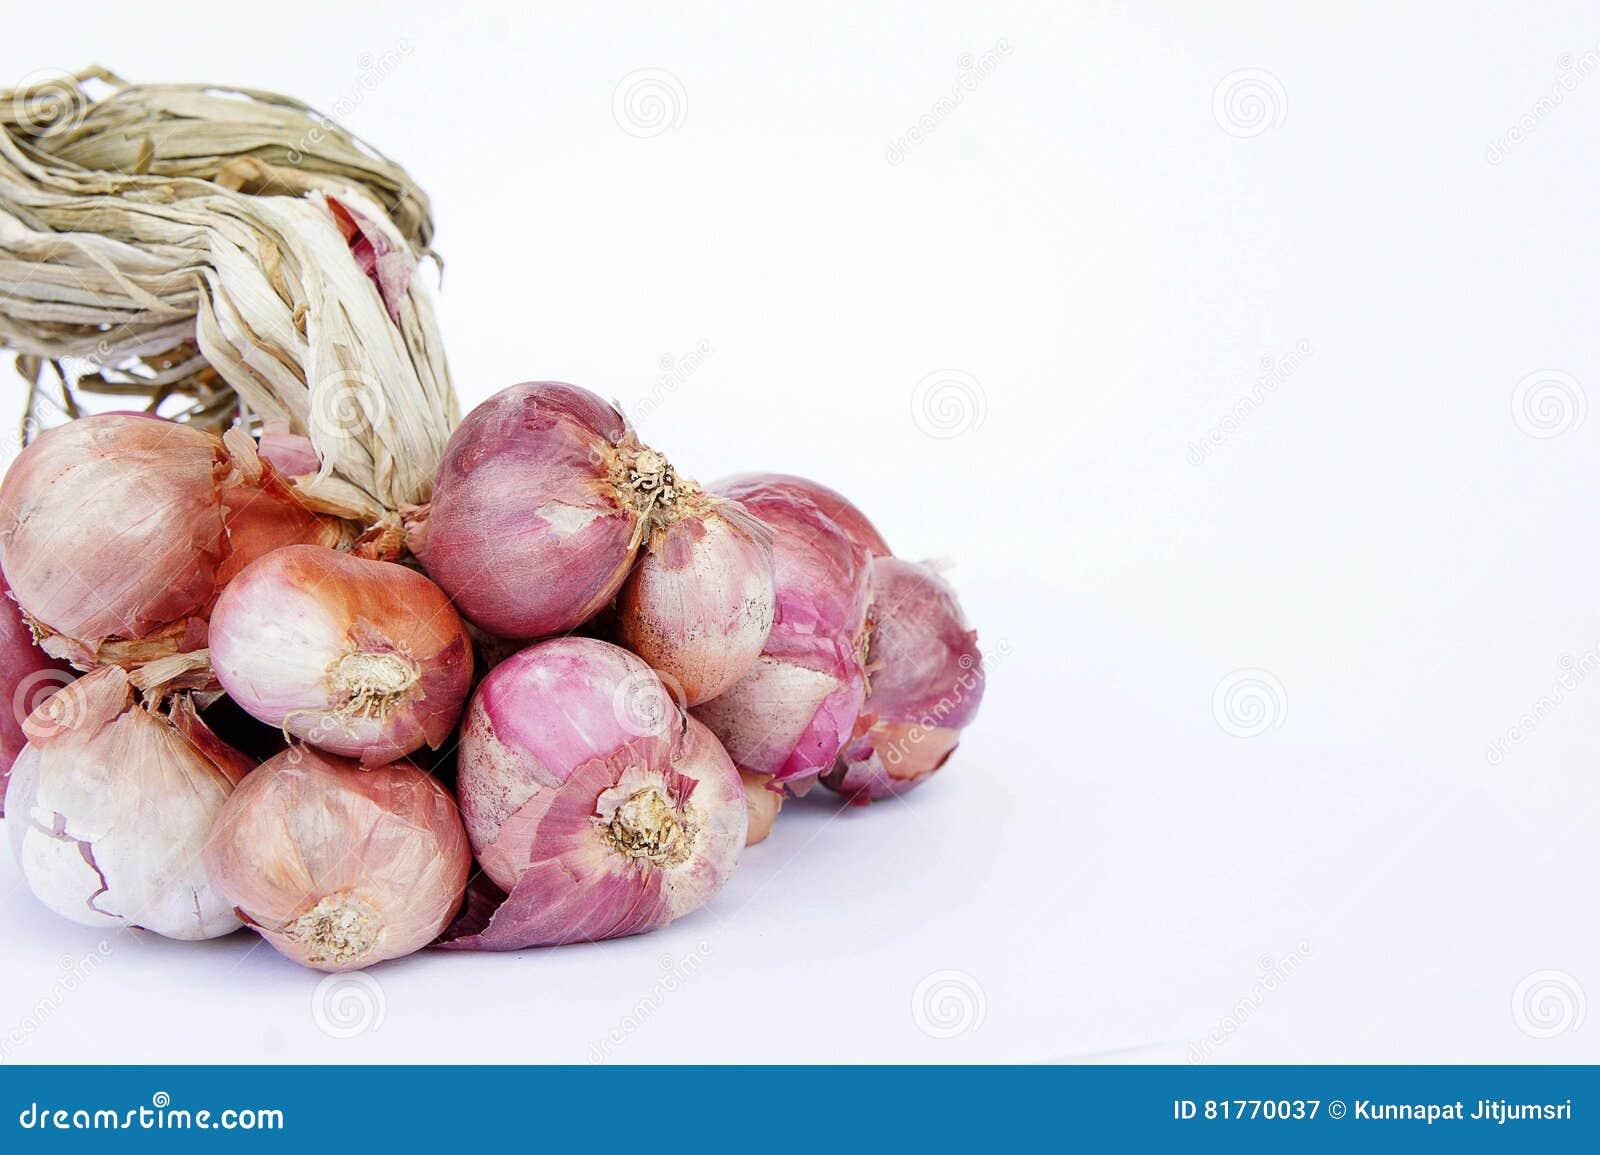 Фото овощи в попе #11